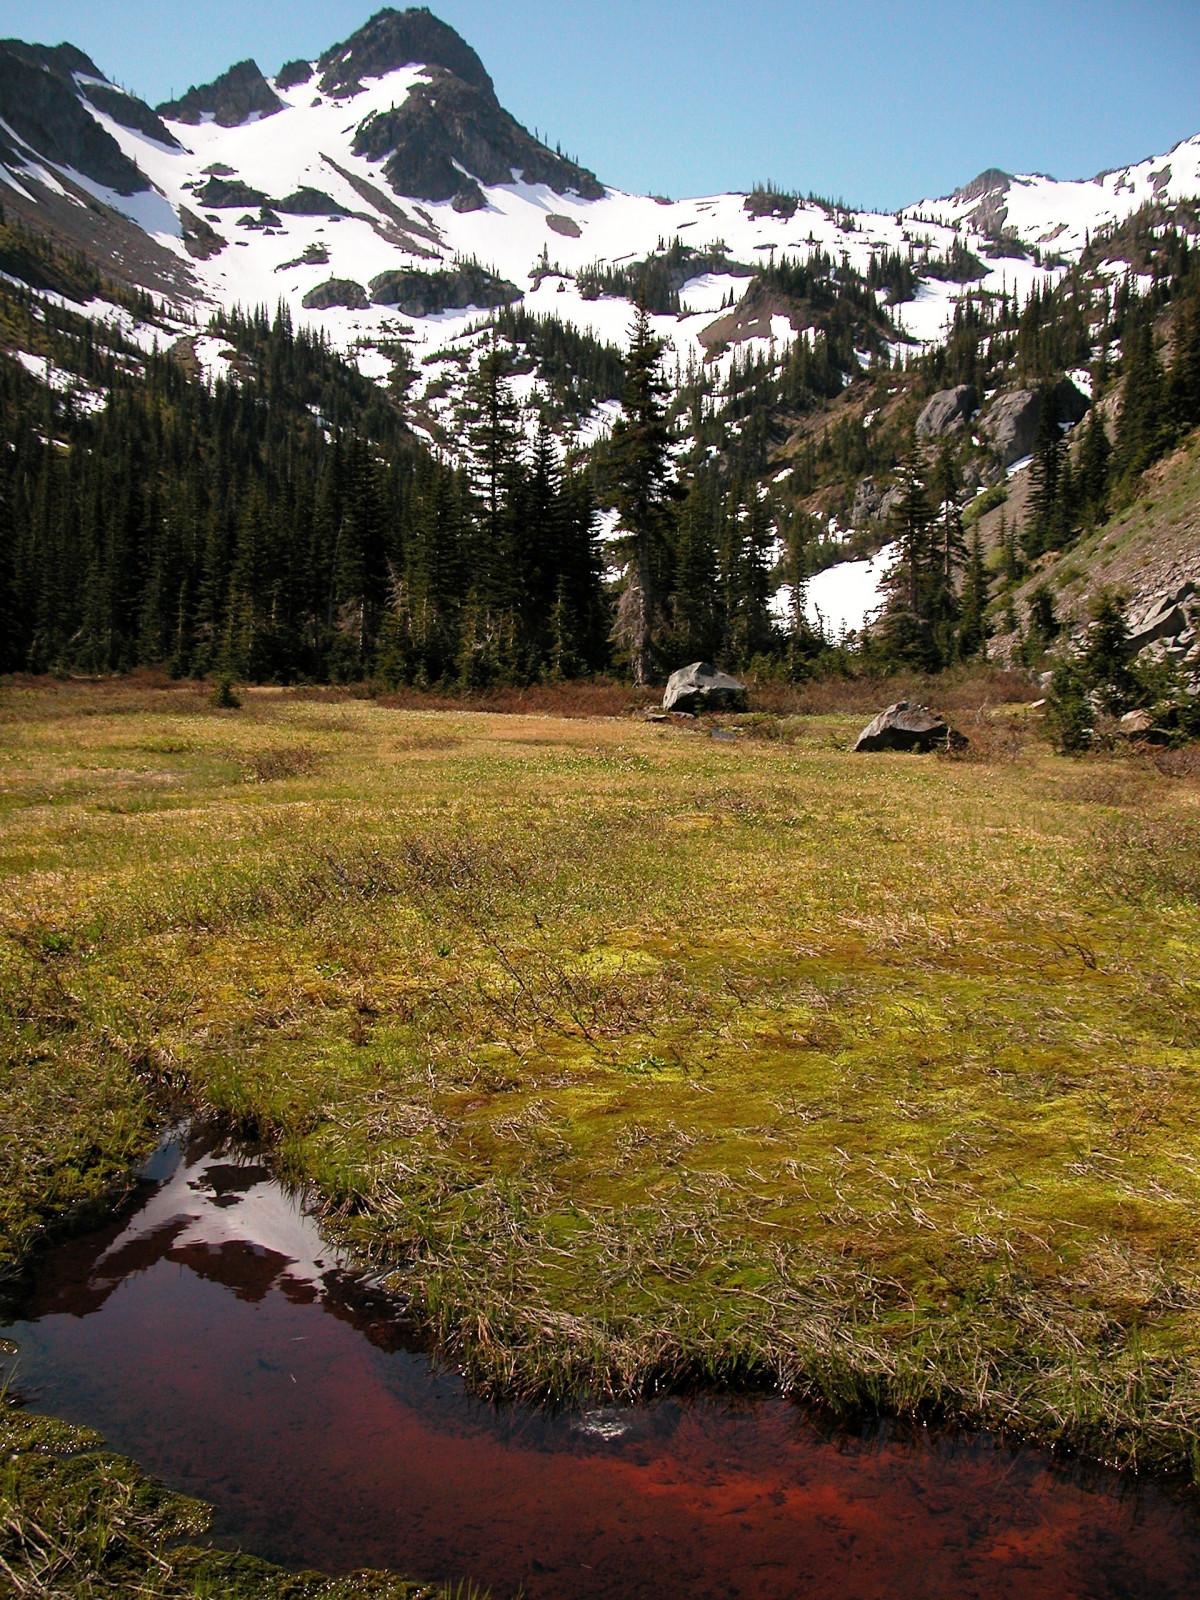 무료 이미지 : 경치, 나무, 자연, 잔디, 목초지, 꽃, 못, 풍경화 ...